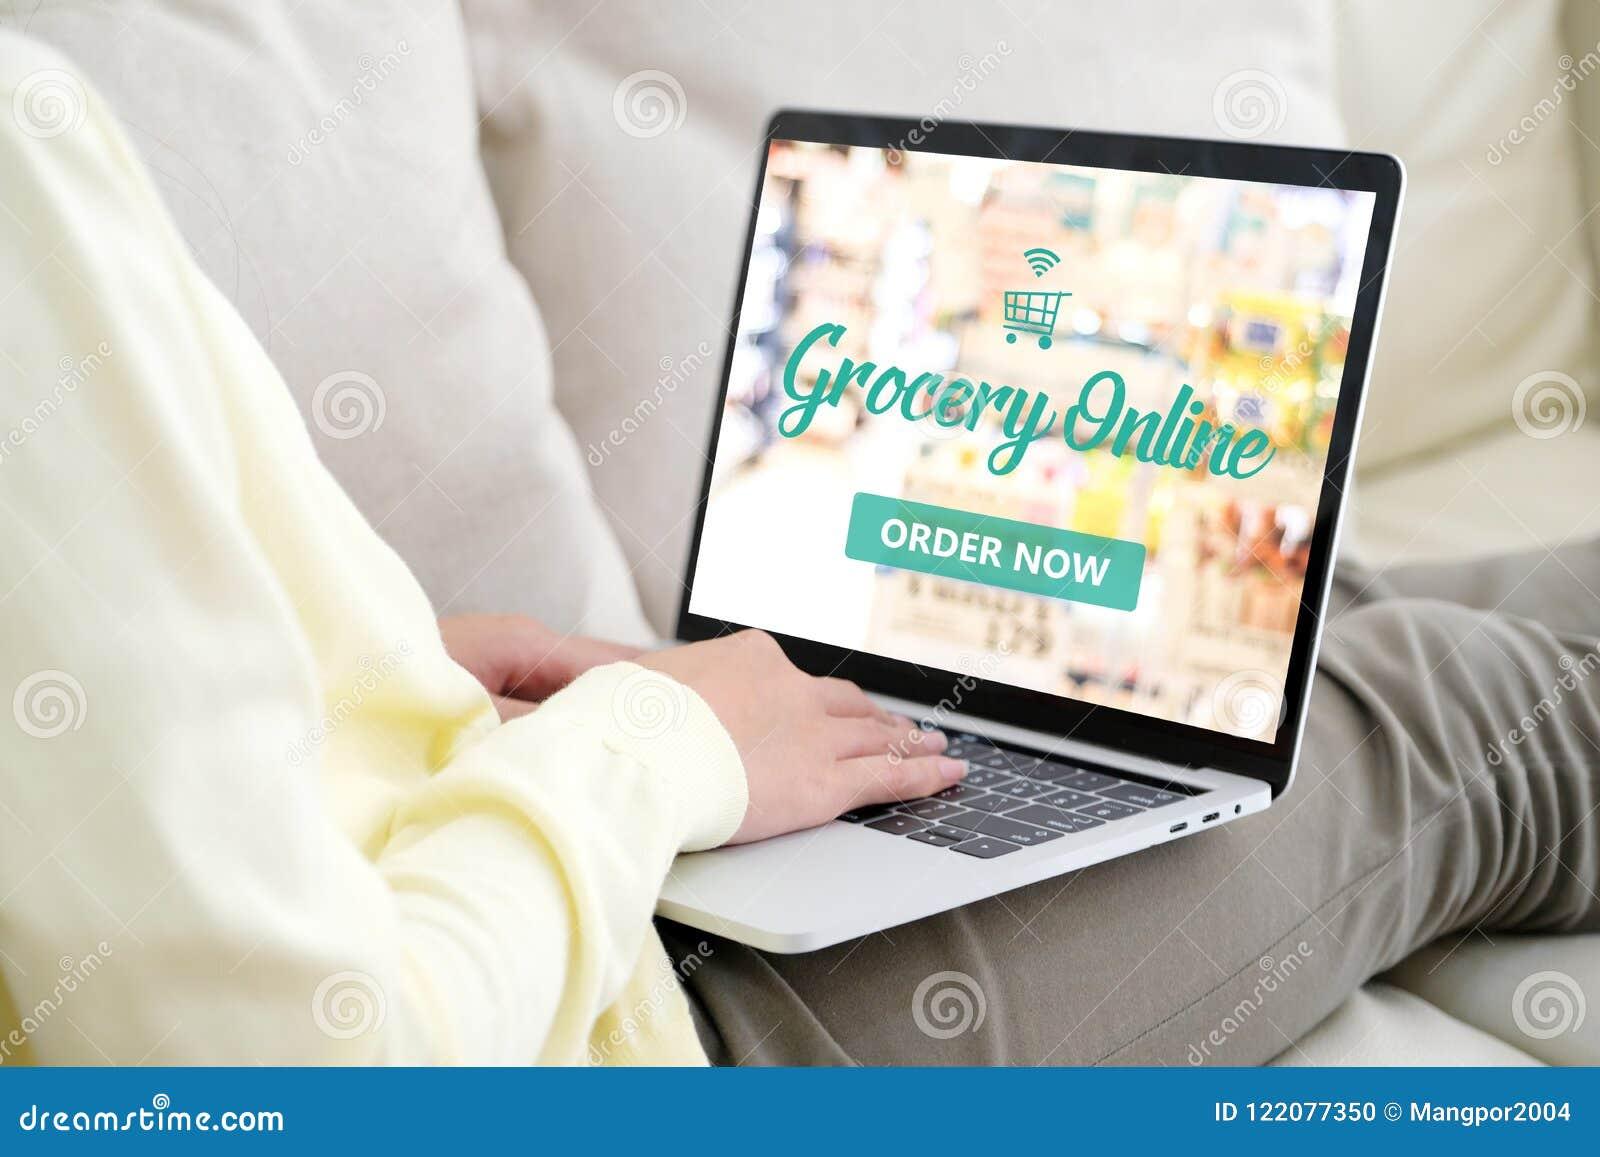 Рука используя портативный компьютер с покупками бакалеи онлайн над голубым